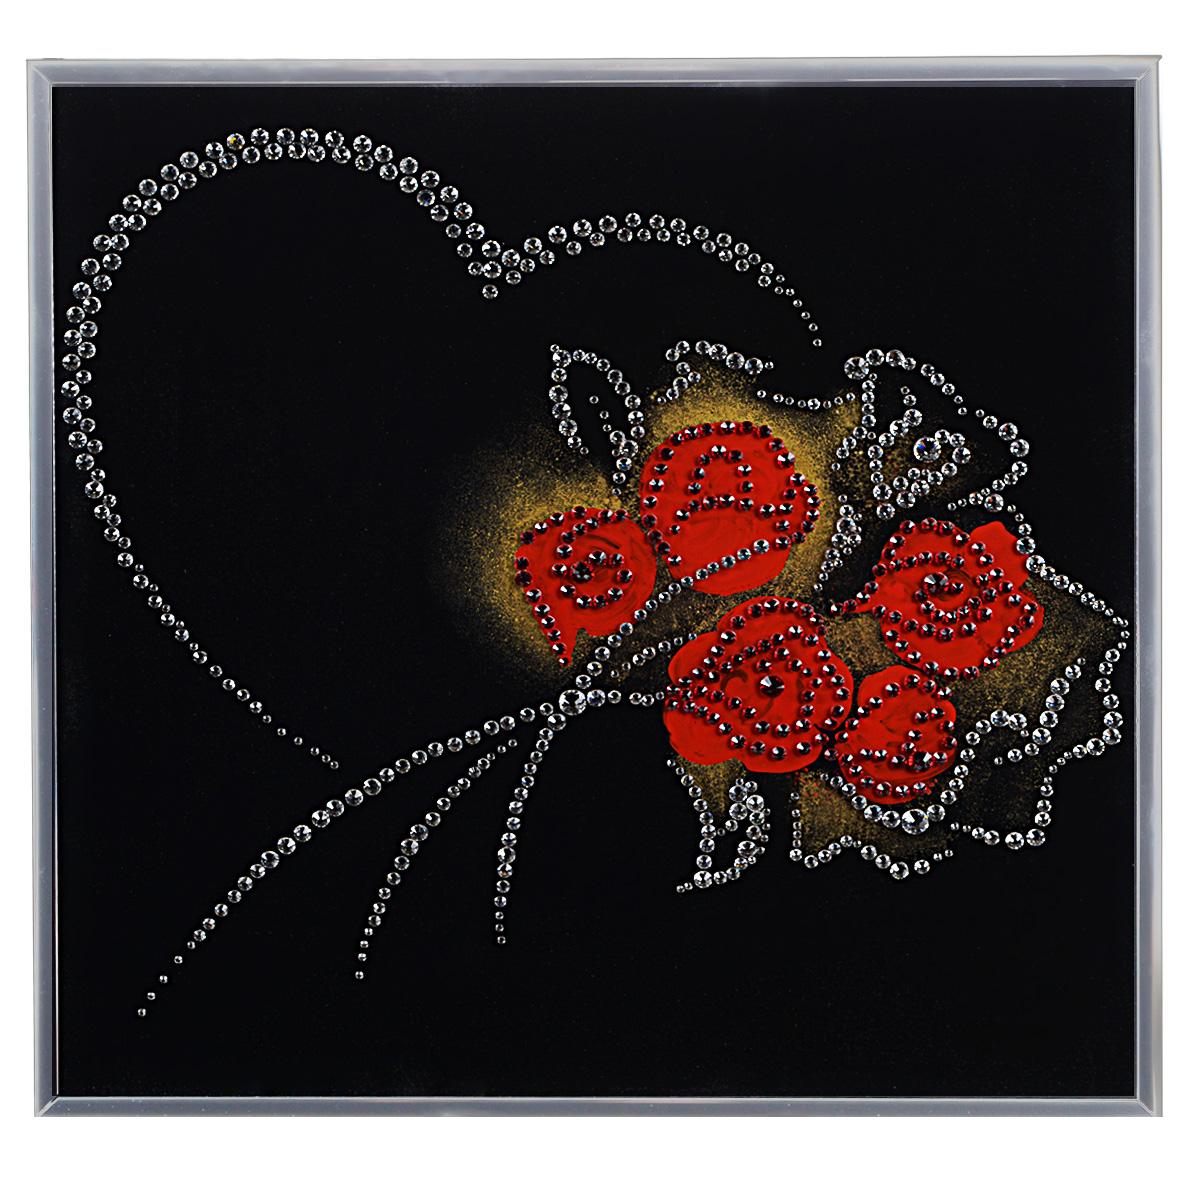 Картина с кристаллами Swarovski От всего сердца, 30 см х 30 смIDEA FL2-01Изящная картина в алюминиевой раме От всего сердца инкрустирована кристаллами Swarovski, которые отличаются четкой и ровной огранкой, ярким блеском и чистотой цвета. Идеально подобранная палитра кристаллов прекрасно дополняет картину. С задней стороны изделие оснащено специальной металлической петелькой для размещения на стене. Картина с кристаллами Swarovski элегантно украсит интерьер дома, а также станет прекрасным подарком, который обязательно понравится получателю. Блеск кристаллов в интерьере - что может быть сказочнее и удивительнее. Изделие упаковано в подарочную картонную коробку синего цвета и комплектуется сертификатом соответствия Swarovski.